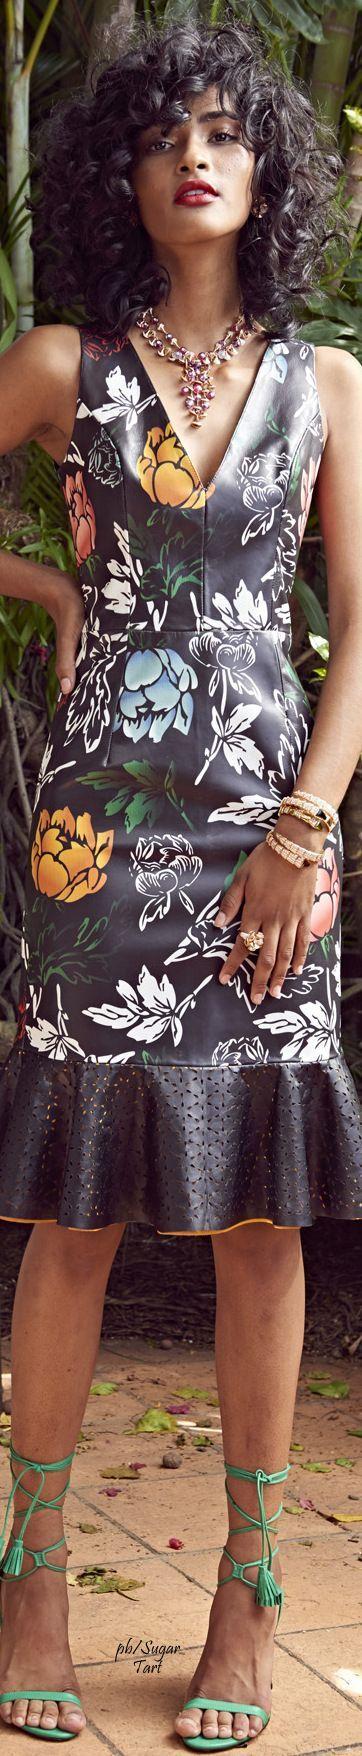 EBANX | Tendências da Moda: Estampas florais são destaque esse ano. Aplicadas em fundos claros ou escuros essas peças são extremamente versáteis e trazem muito charme ao seu look.